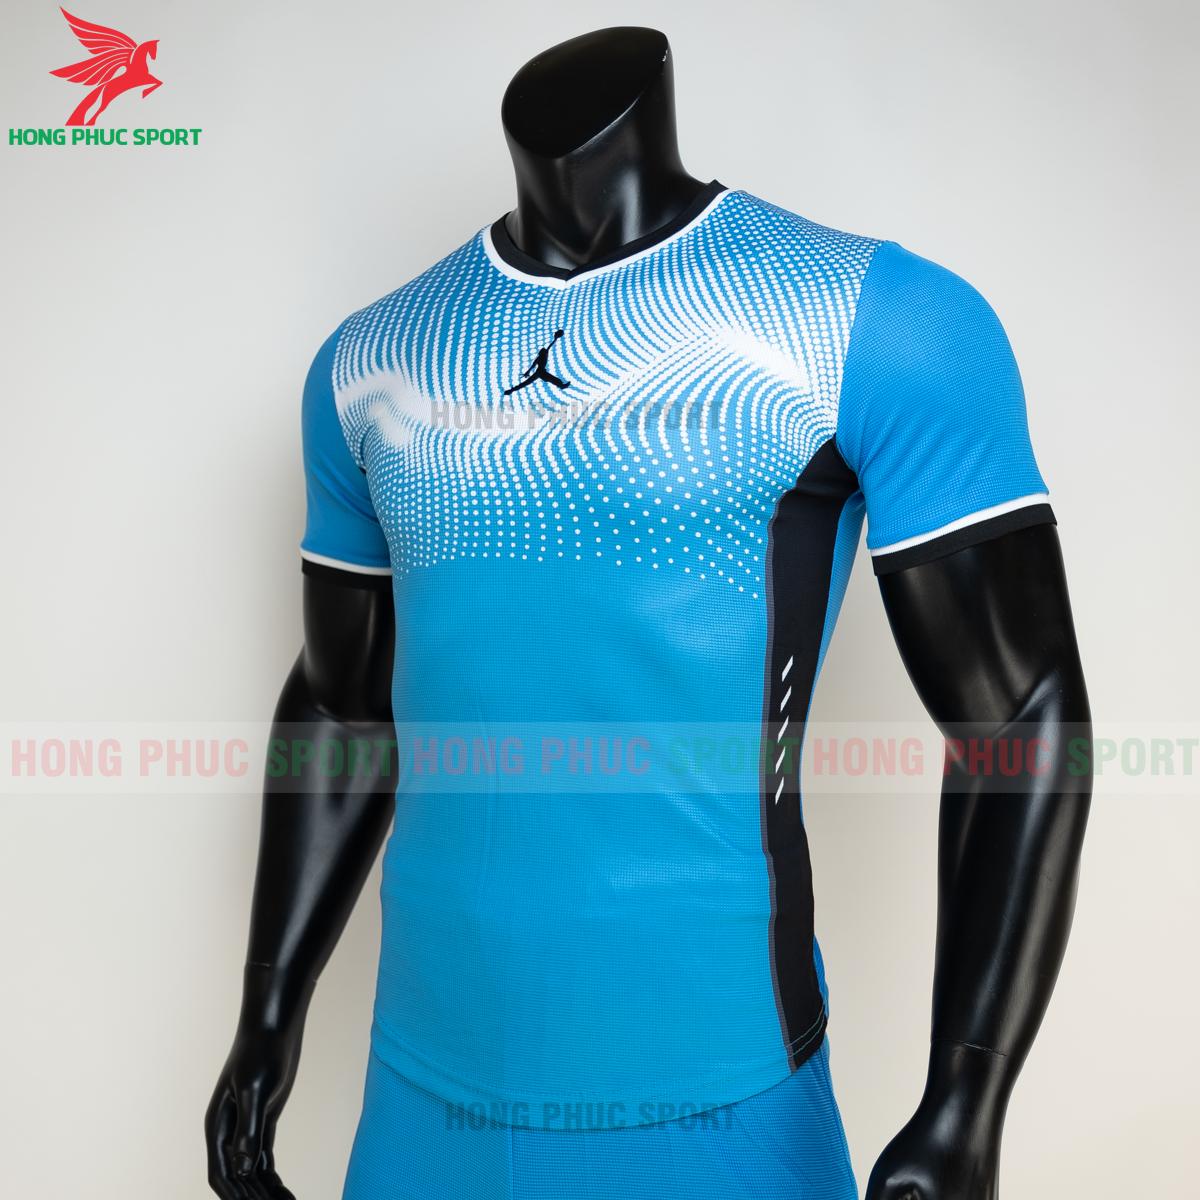 https://cdn.hongphucsport.com/unsafe/s4.shopbay.vn/files/285/ao-bong-chuyen-khong-logo-jordan-wave-mau-xanh-da-1-6050205b5c7d4.png